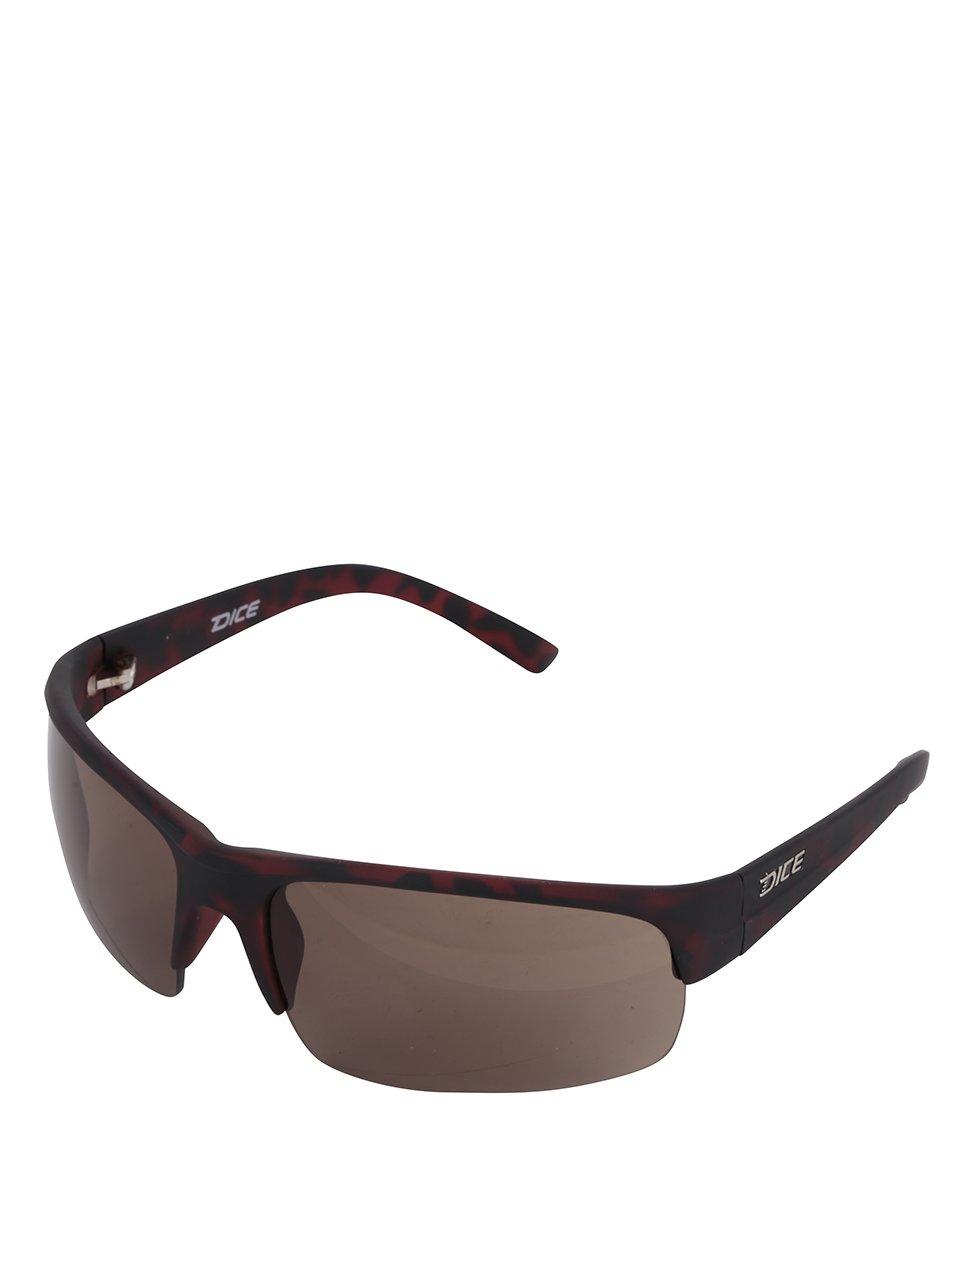 Hnedé vzorované pánske slnečné okuliare Dice  d1882be5023